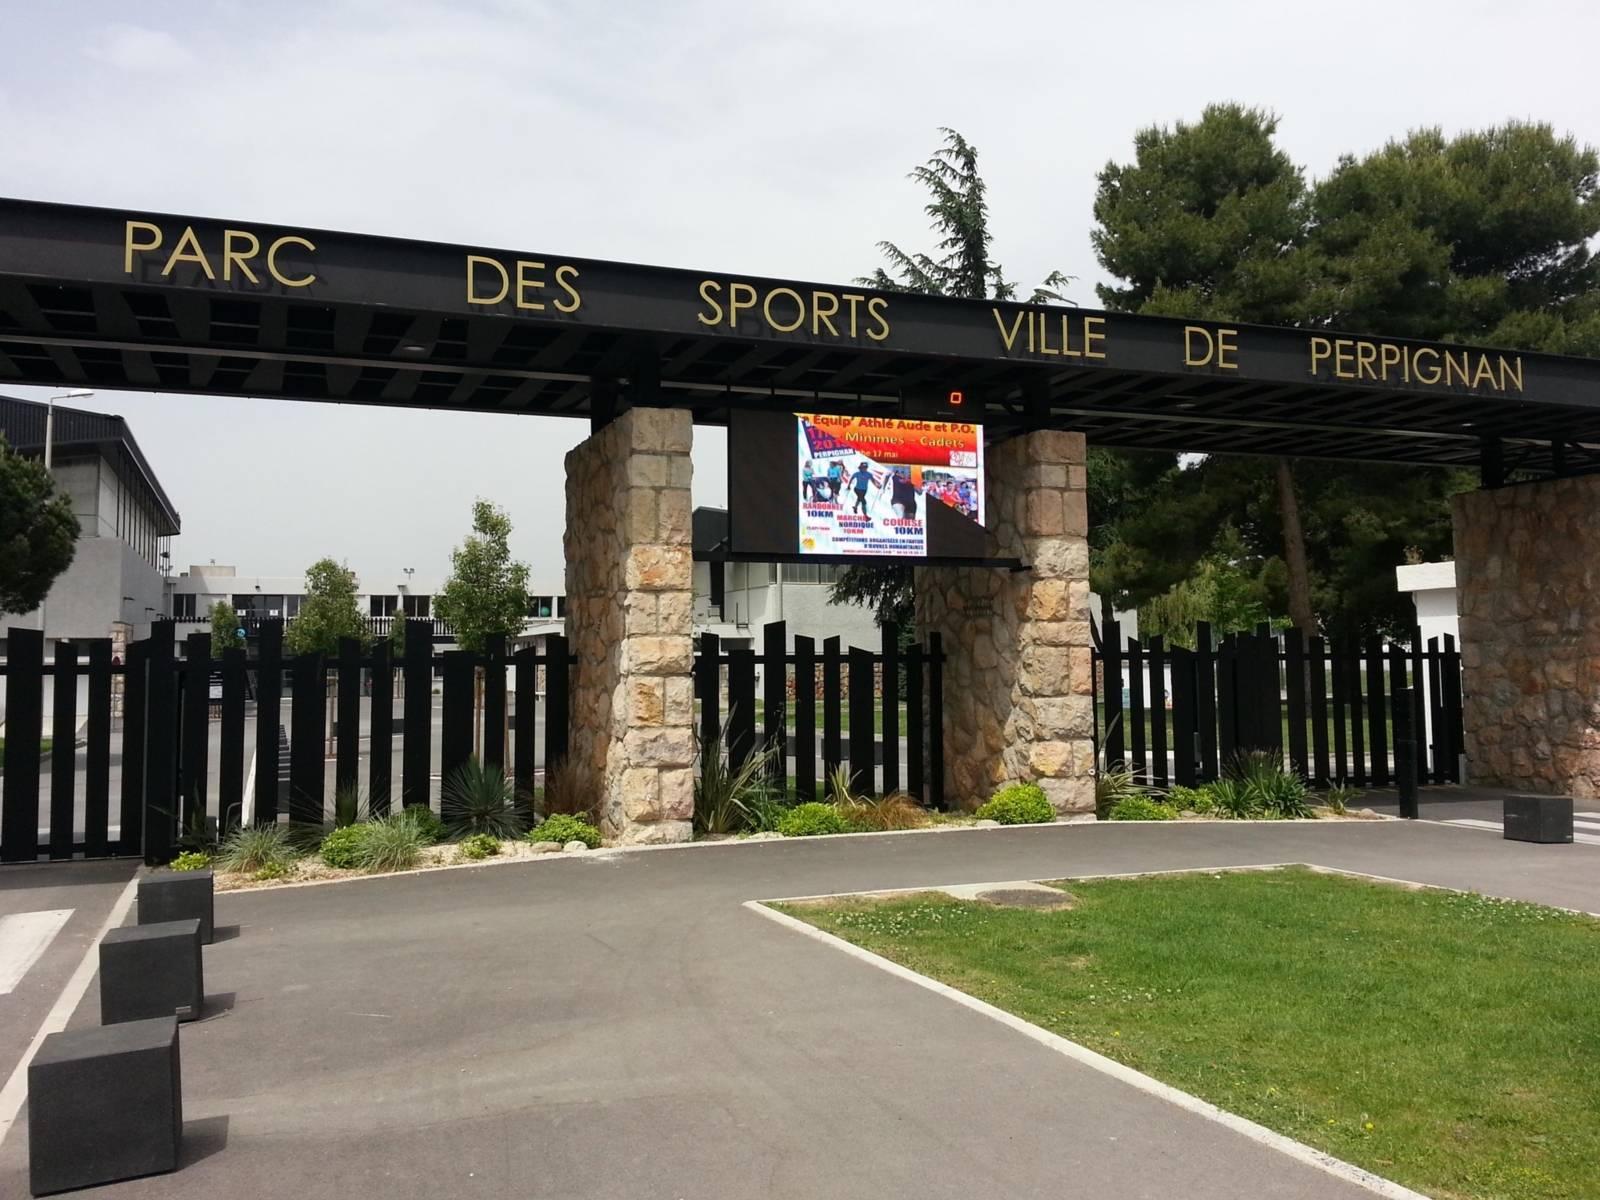 Eingang zu einem Sportpark.